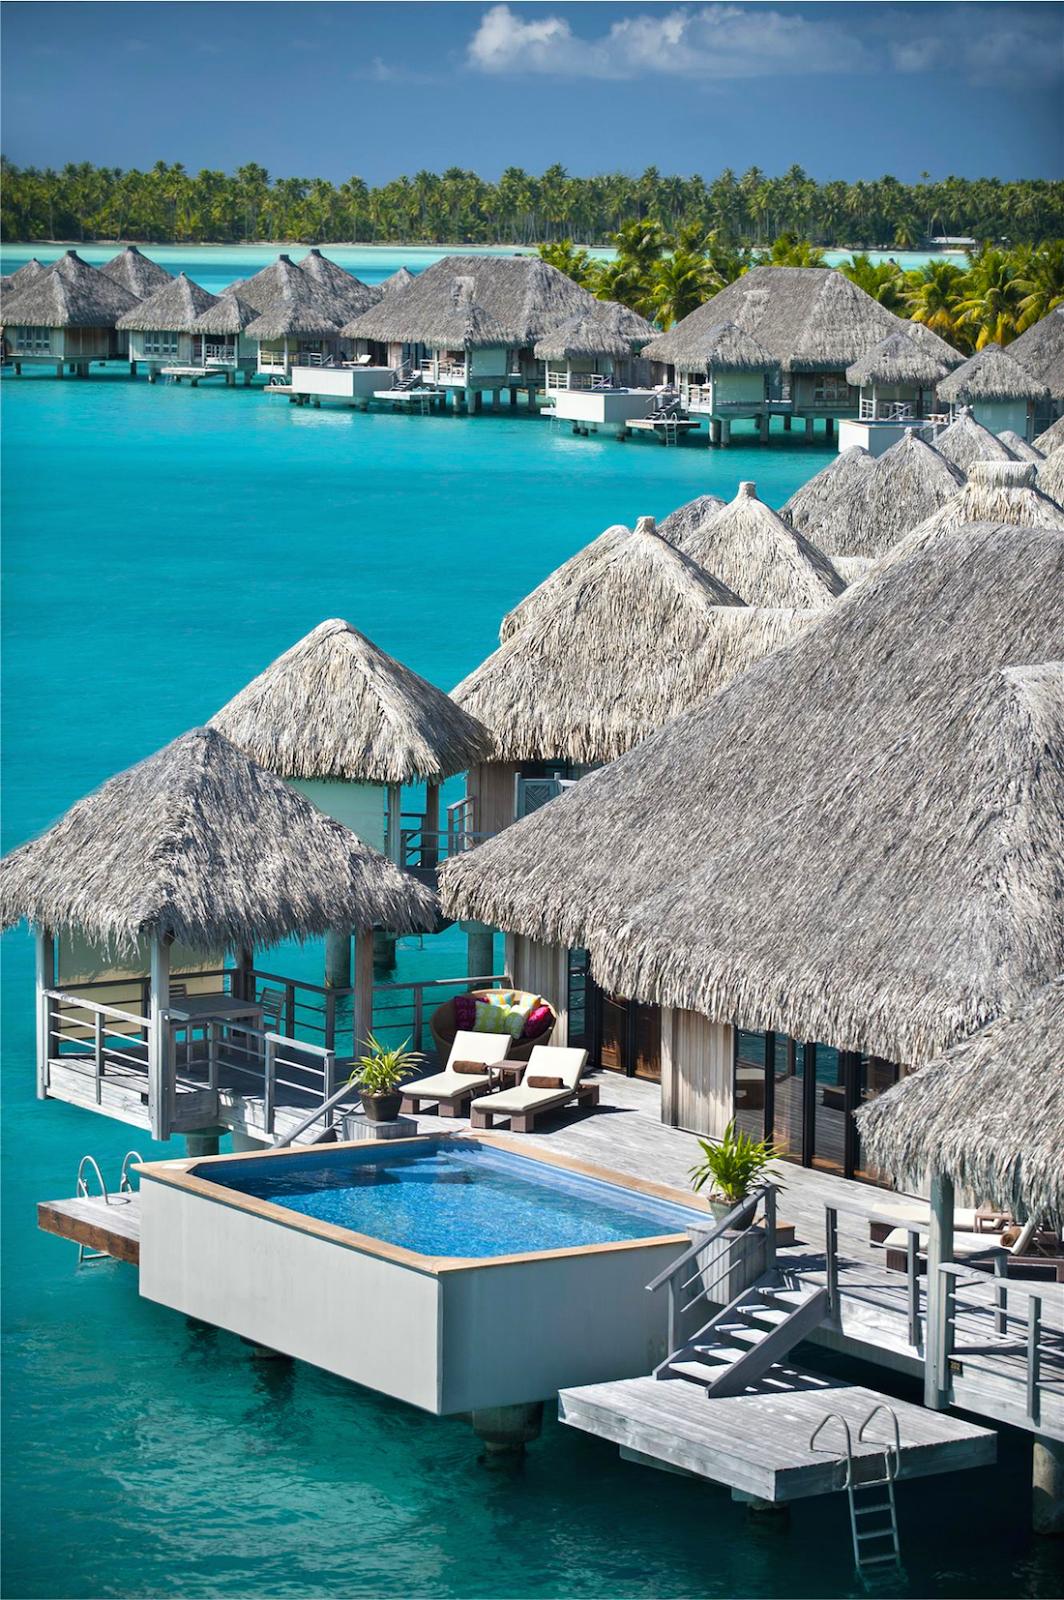 St. Regis Bora Bora Villas